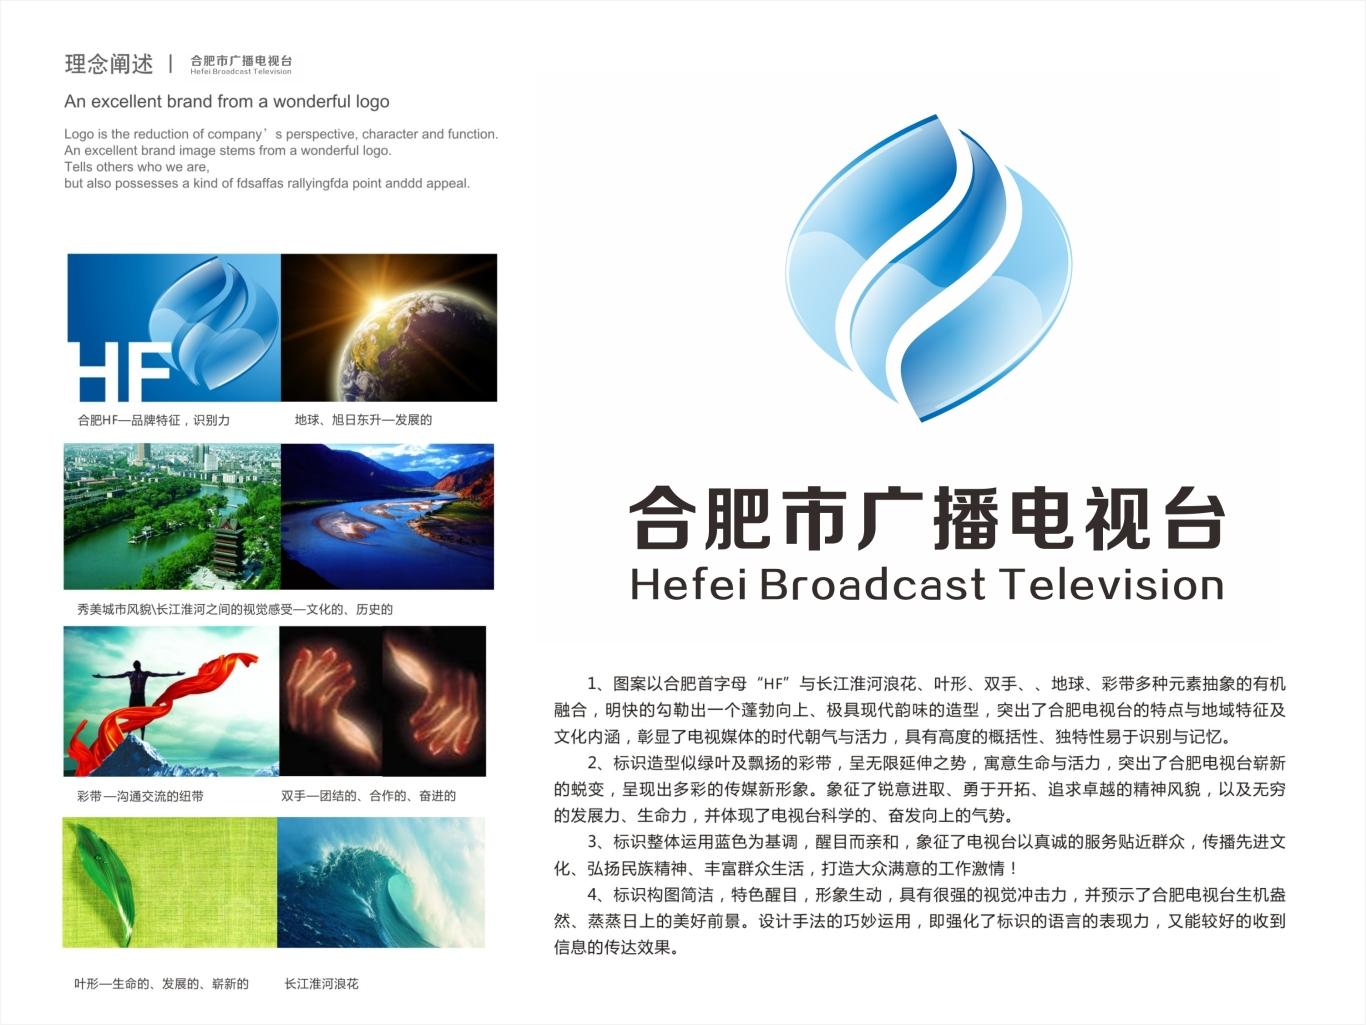 合肥广播电视台图1